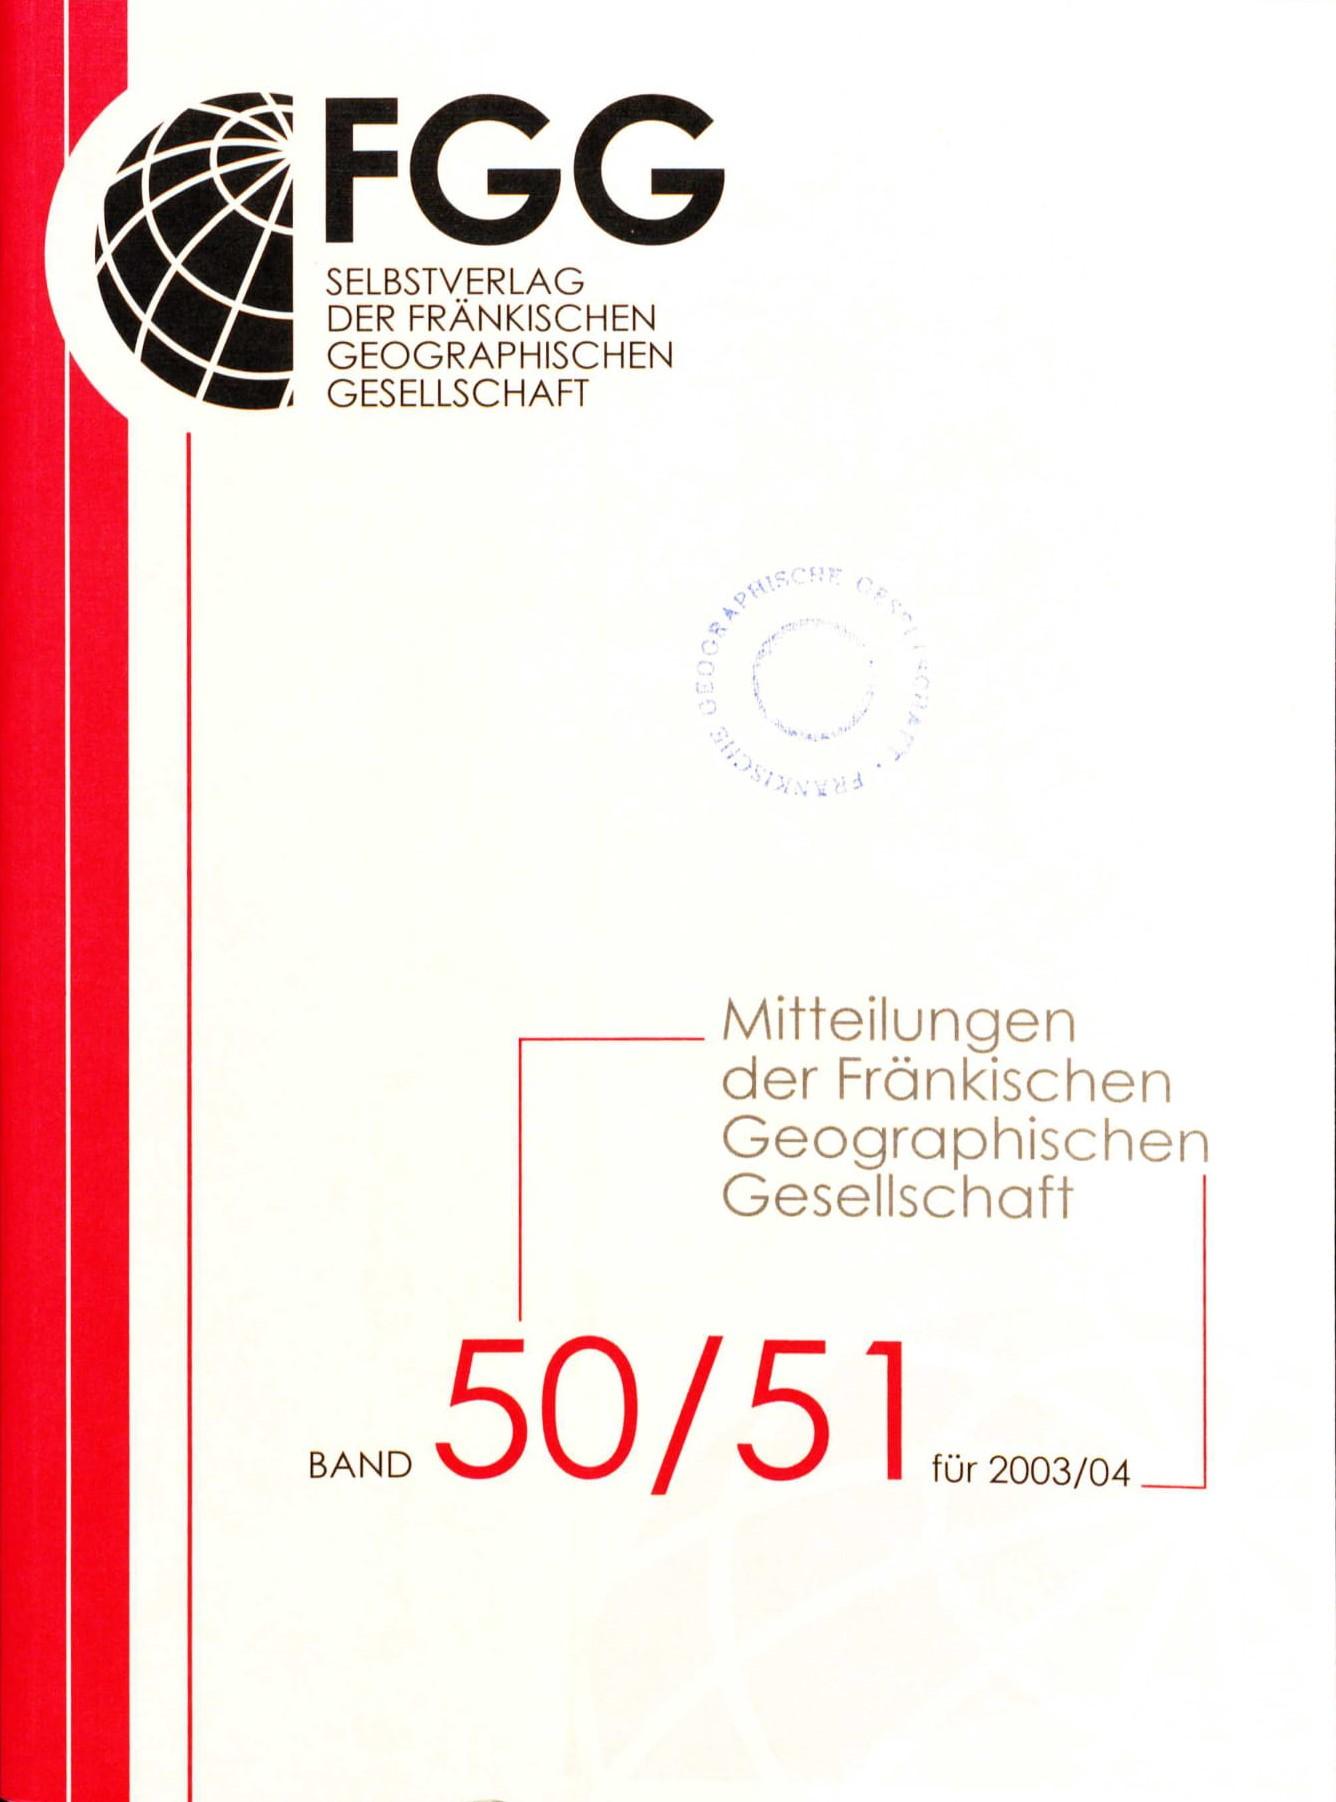 Band 50/51 für 2003/04